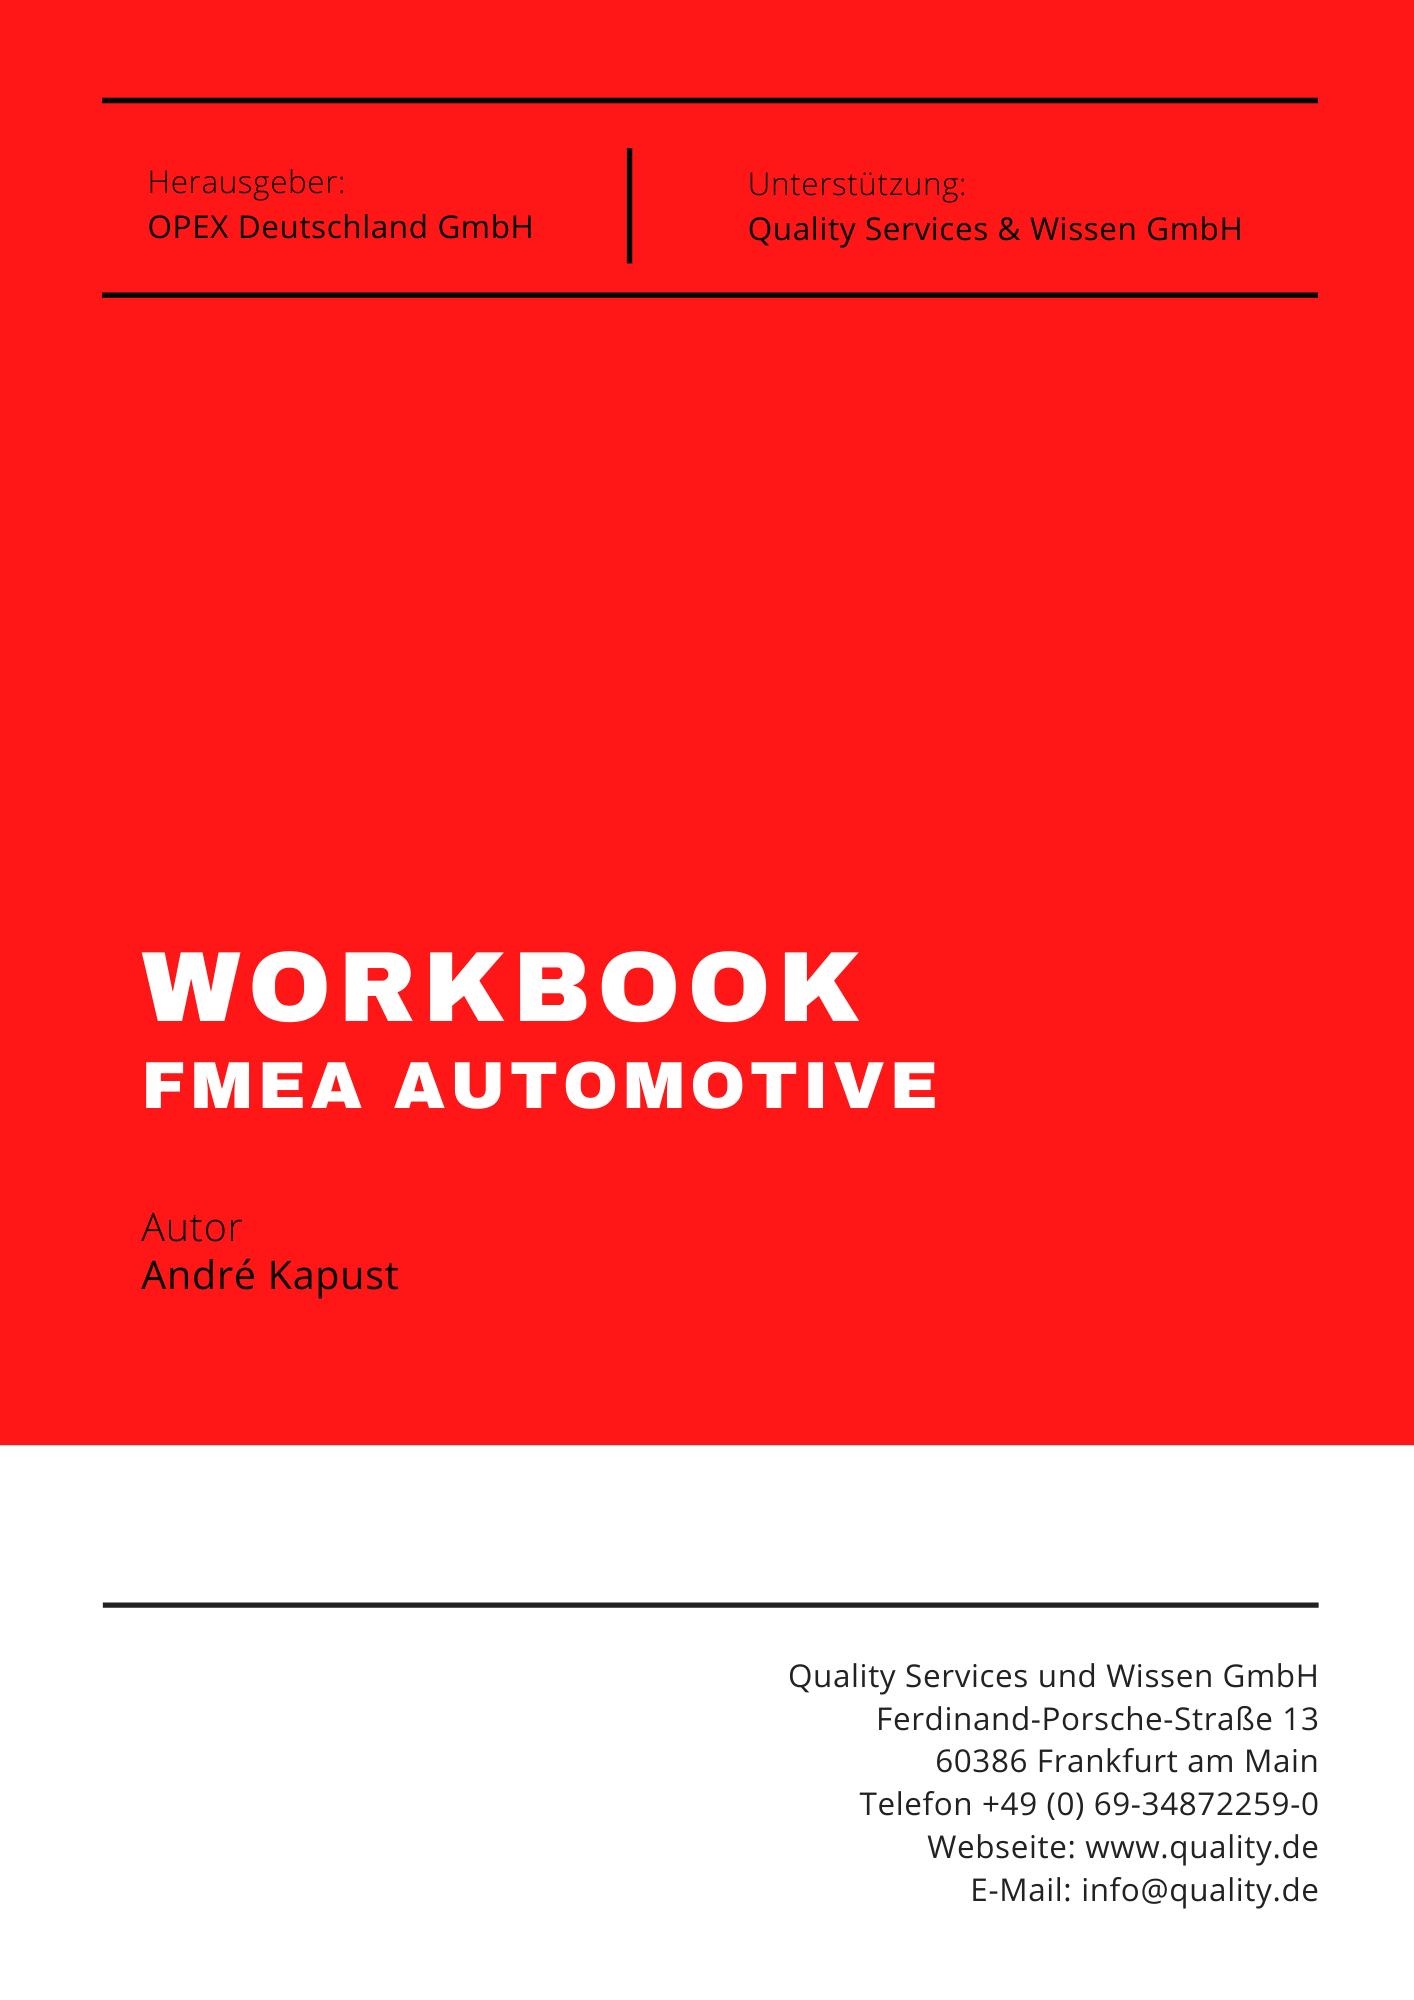 Workbook FMEA Automotive